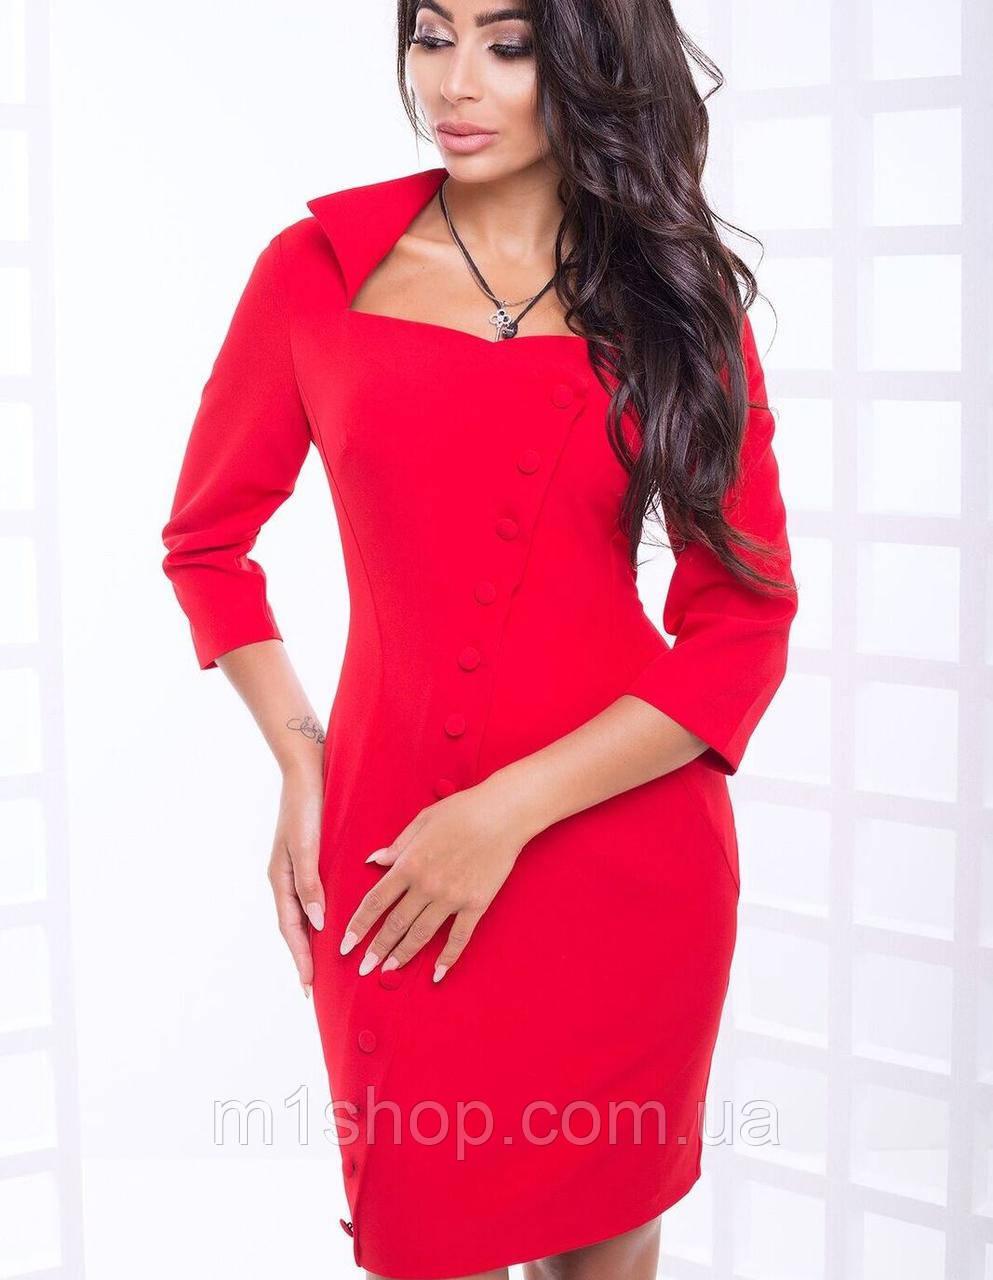 7e92e1971b4 Облегающее платье с эффектом запаха больших размеров (Лилиана lzn ...